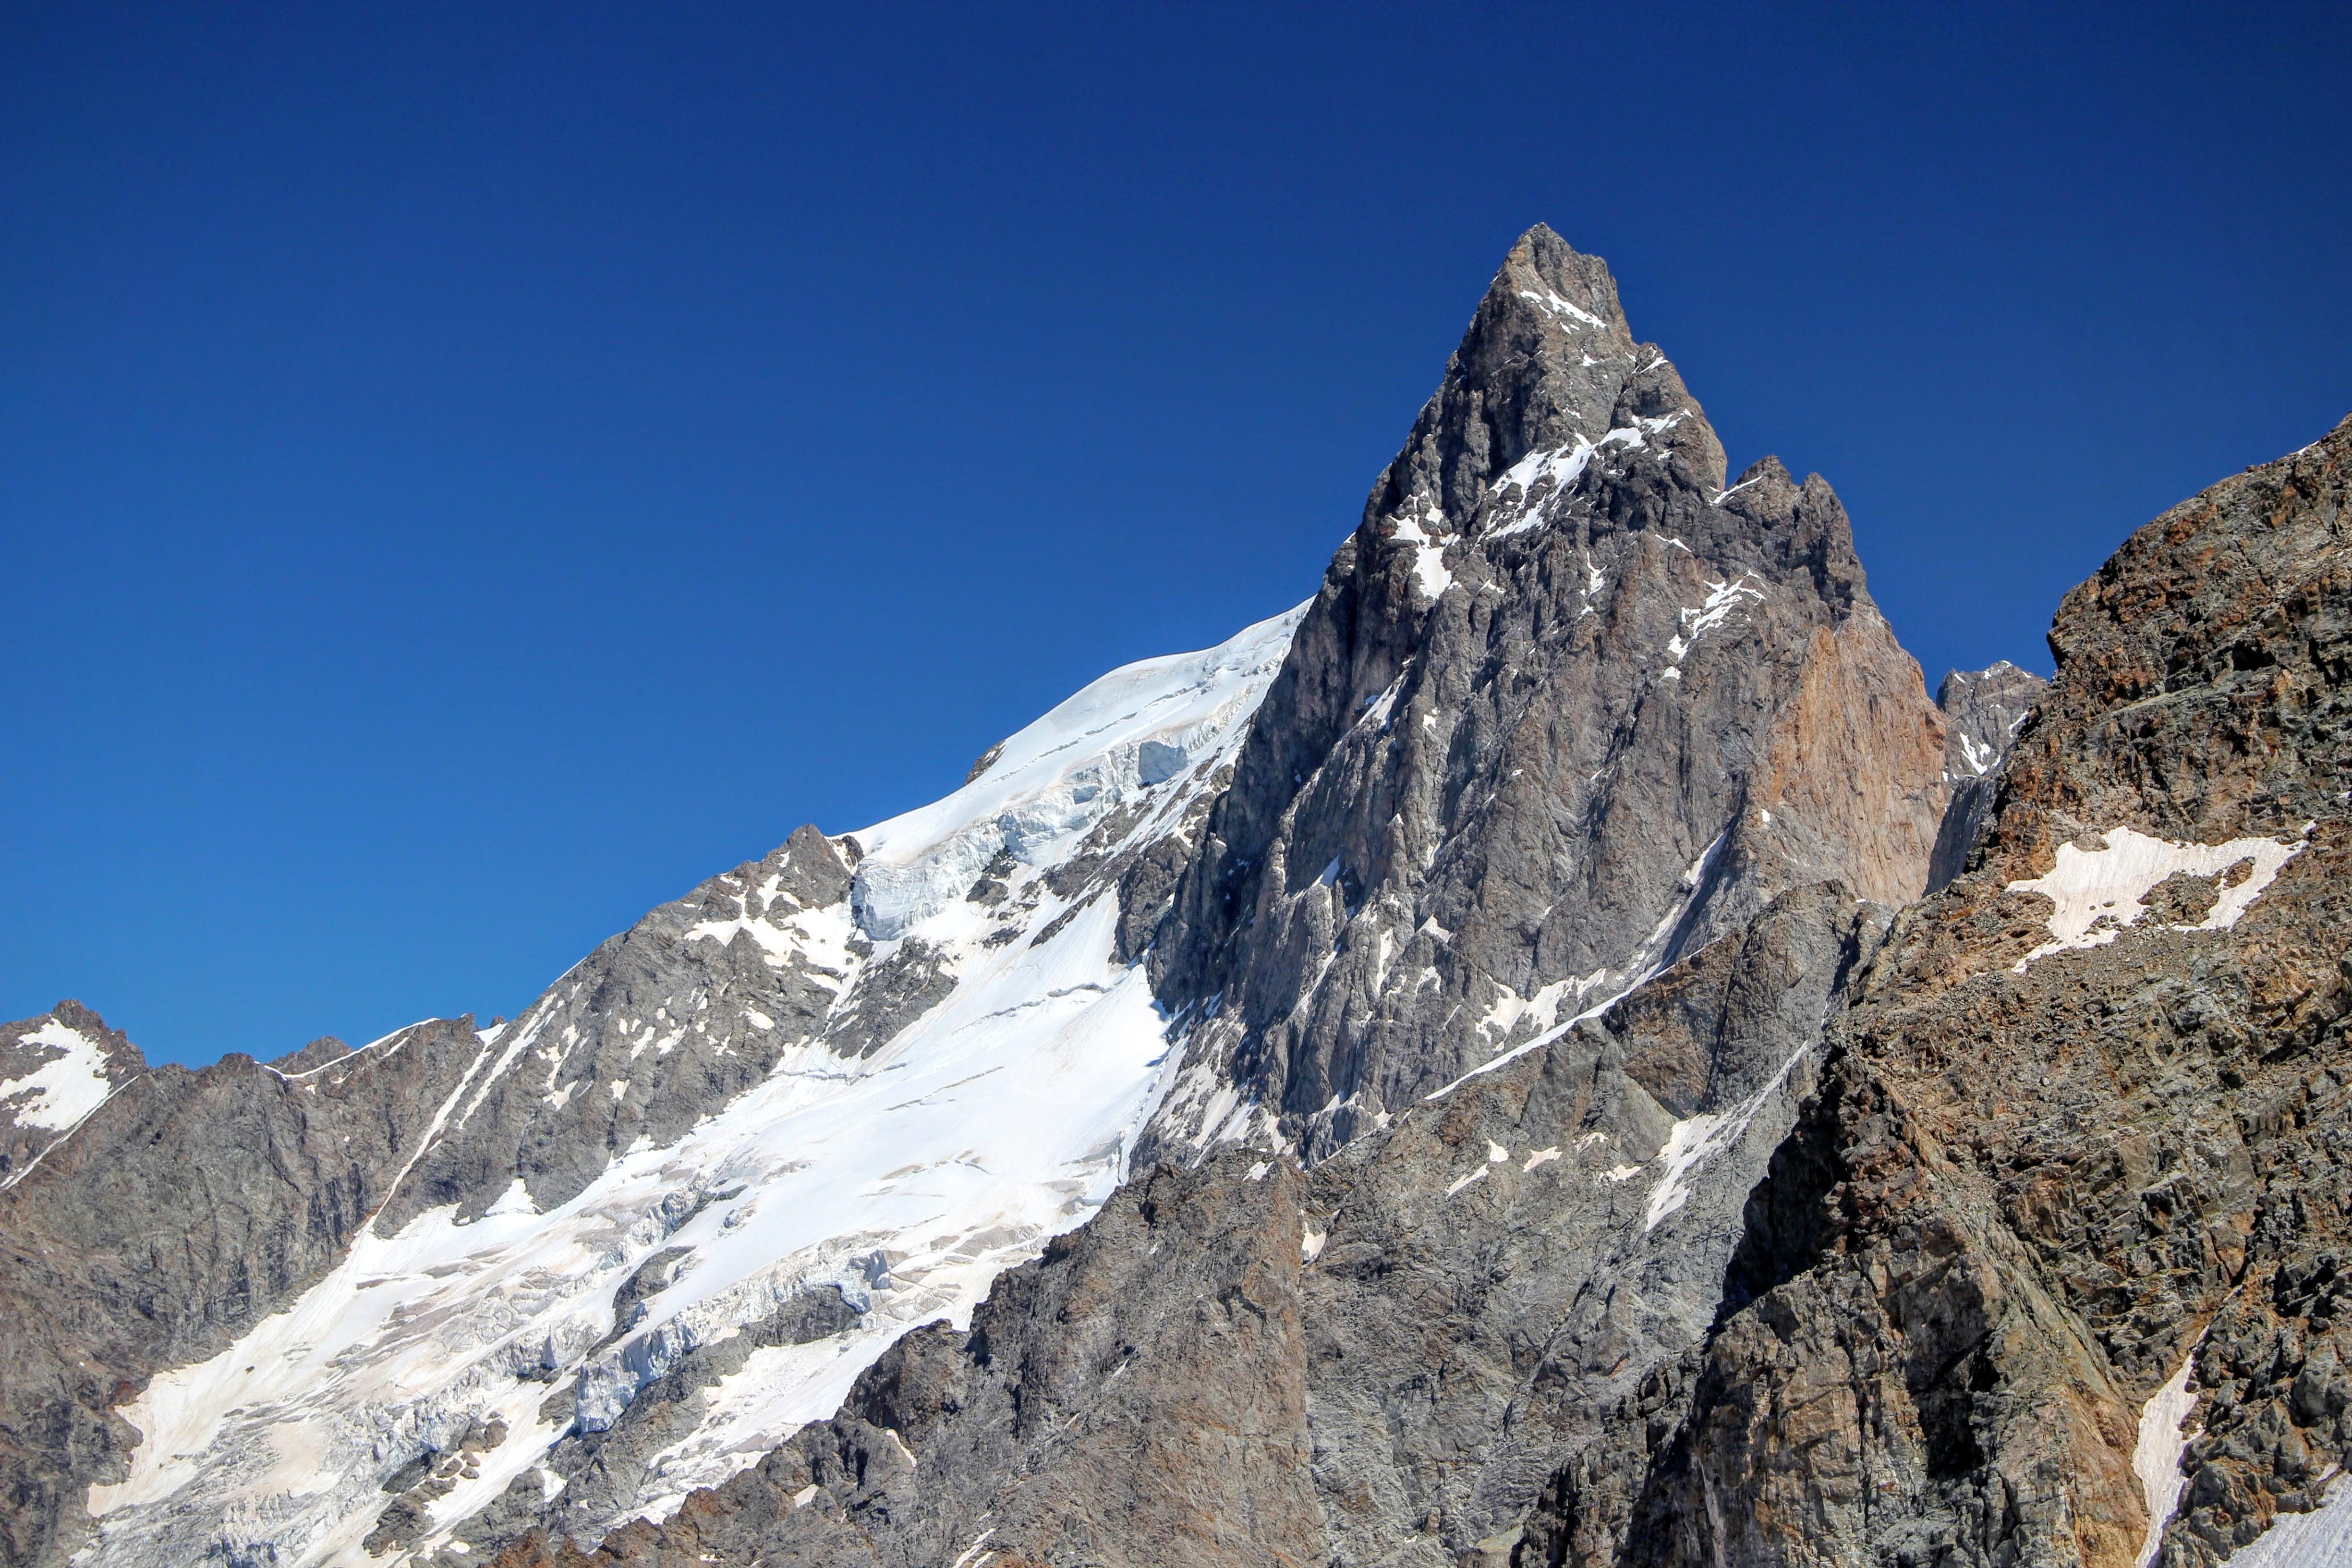 Grand Pic de la Meije (Htes-Alpes)